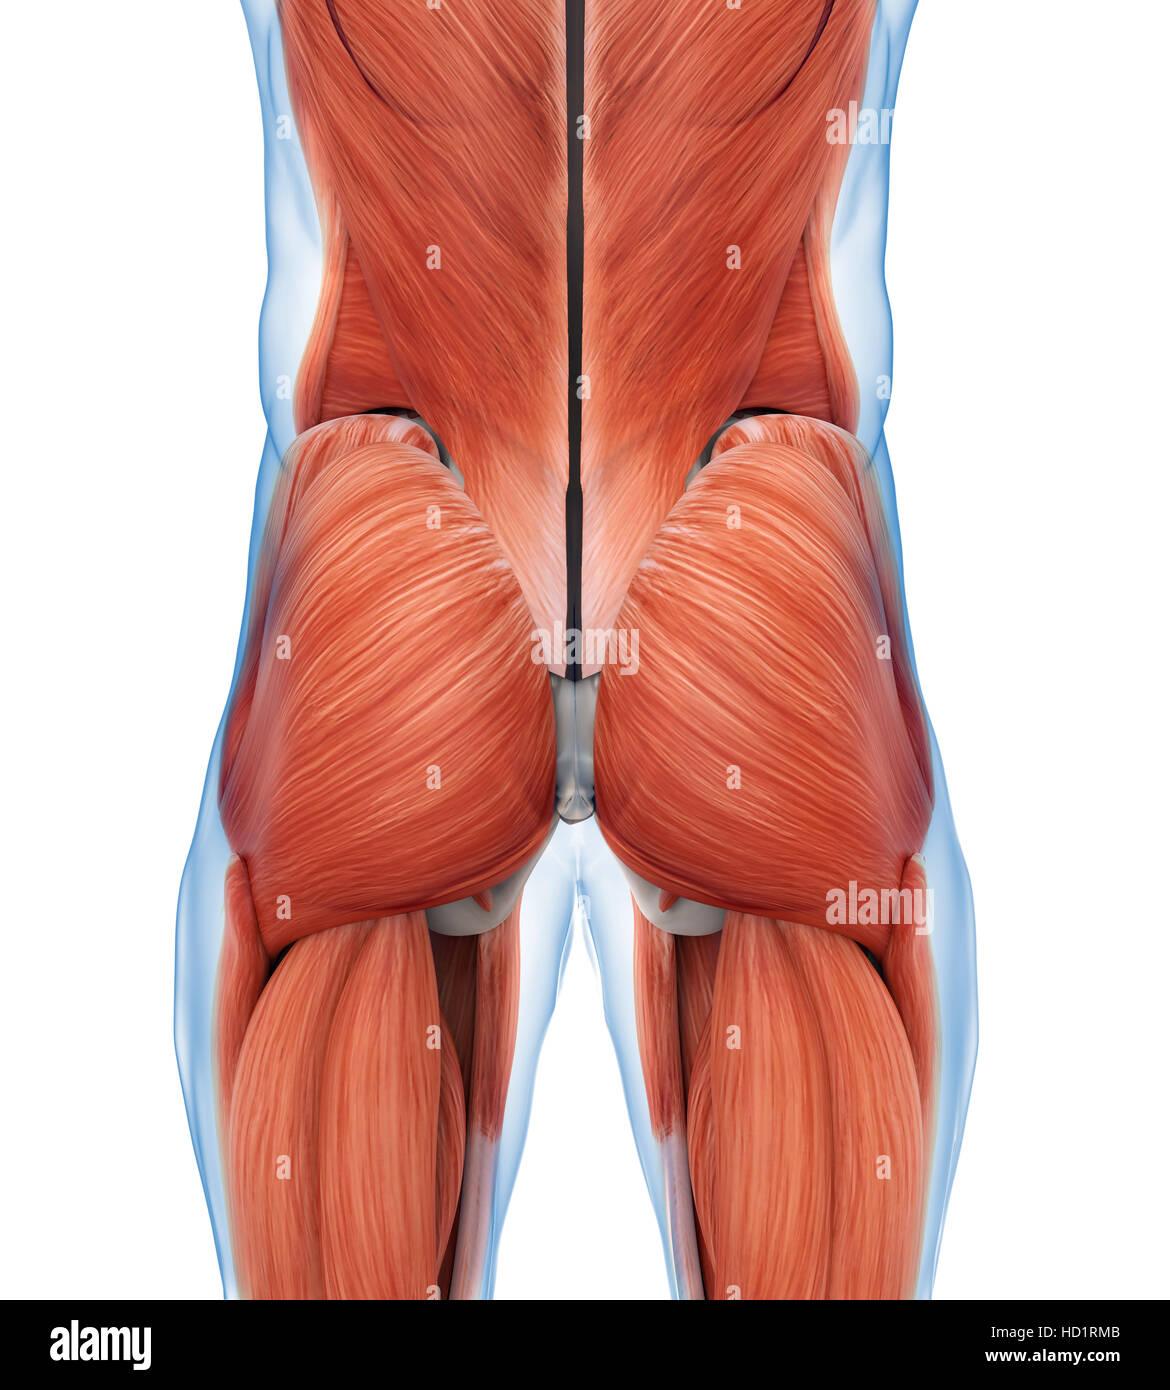 Gesäß Muskeln Anatomie Stockfoto, Bild: 128503659 - Alamy